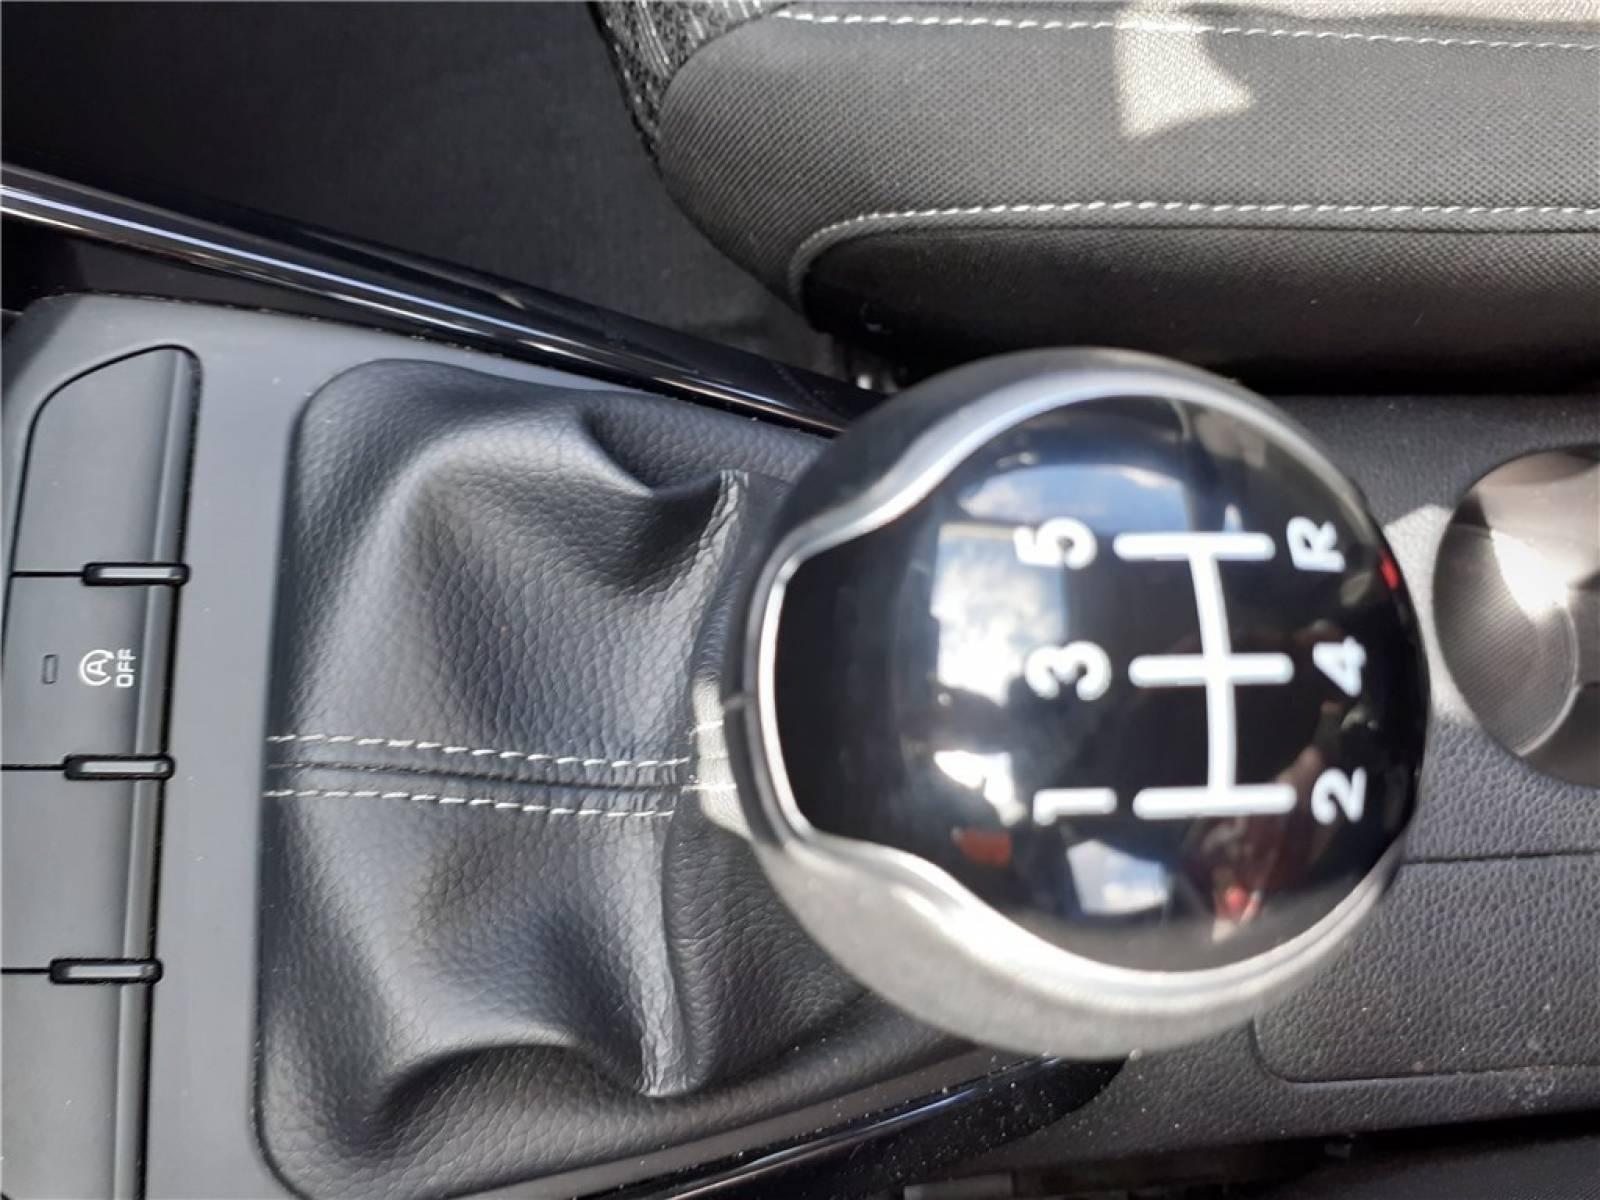 KIA Rio Business 1.2L 84 ch ISG - véhicule d'occasion - Groupe Guillet - Opel Magicauto - Montceau-les-Mines - 71300 - Montceau-les-Mines - 43